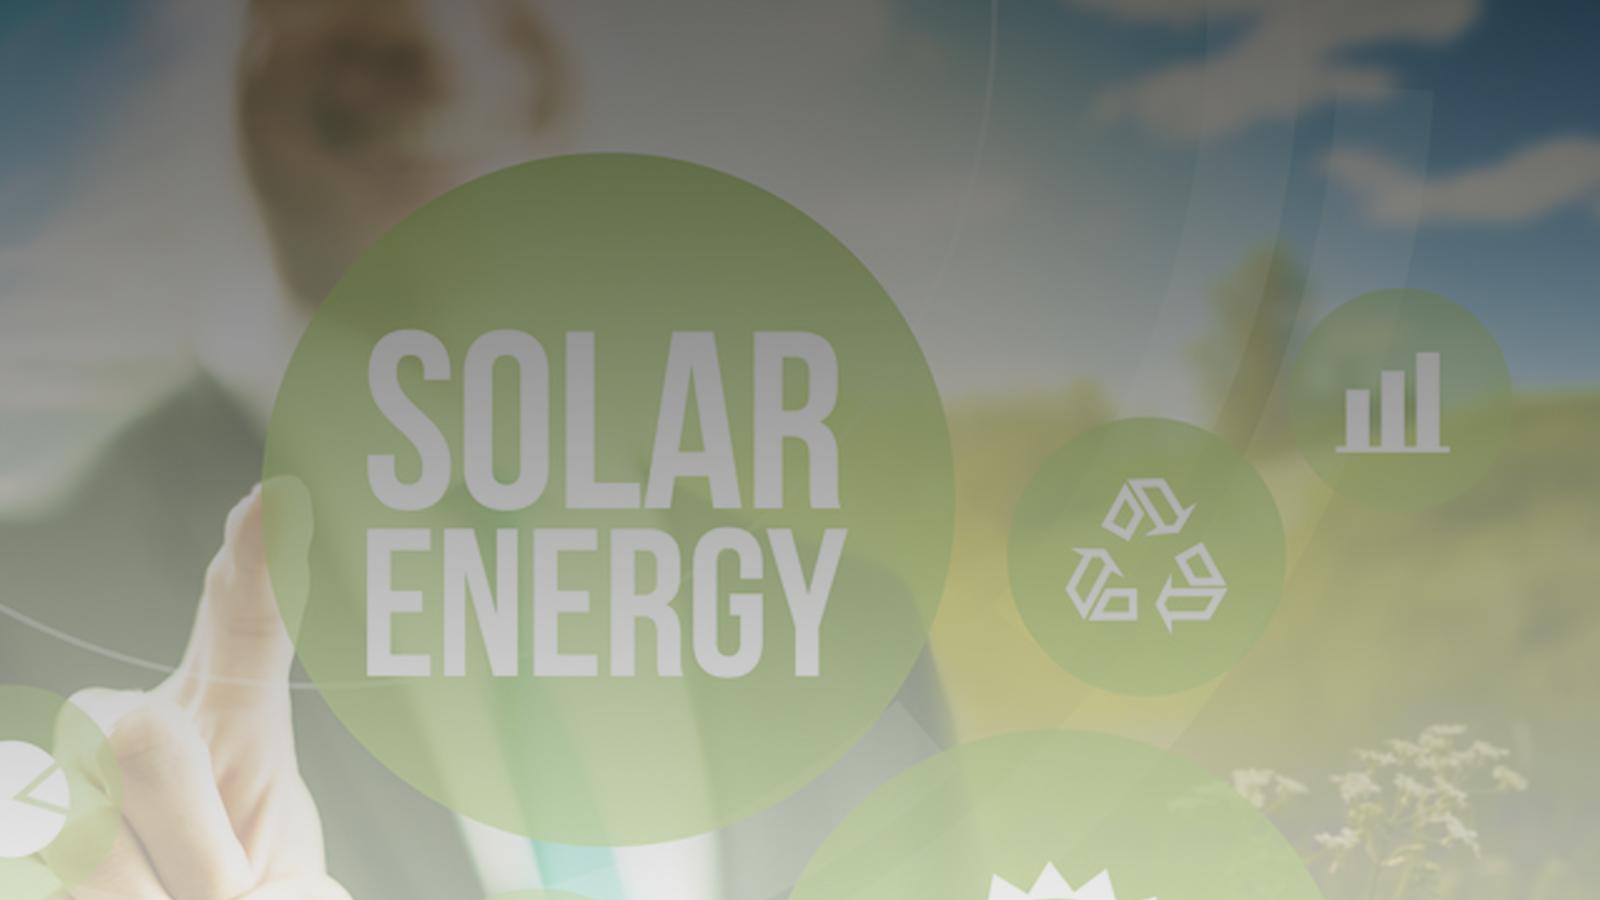 Vendita componenti energia solare